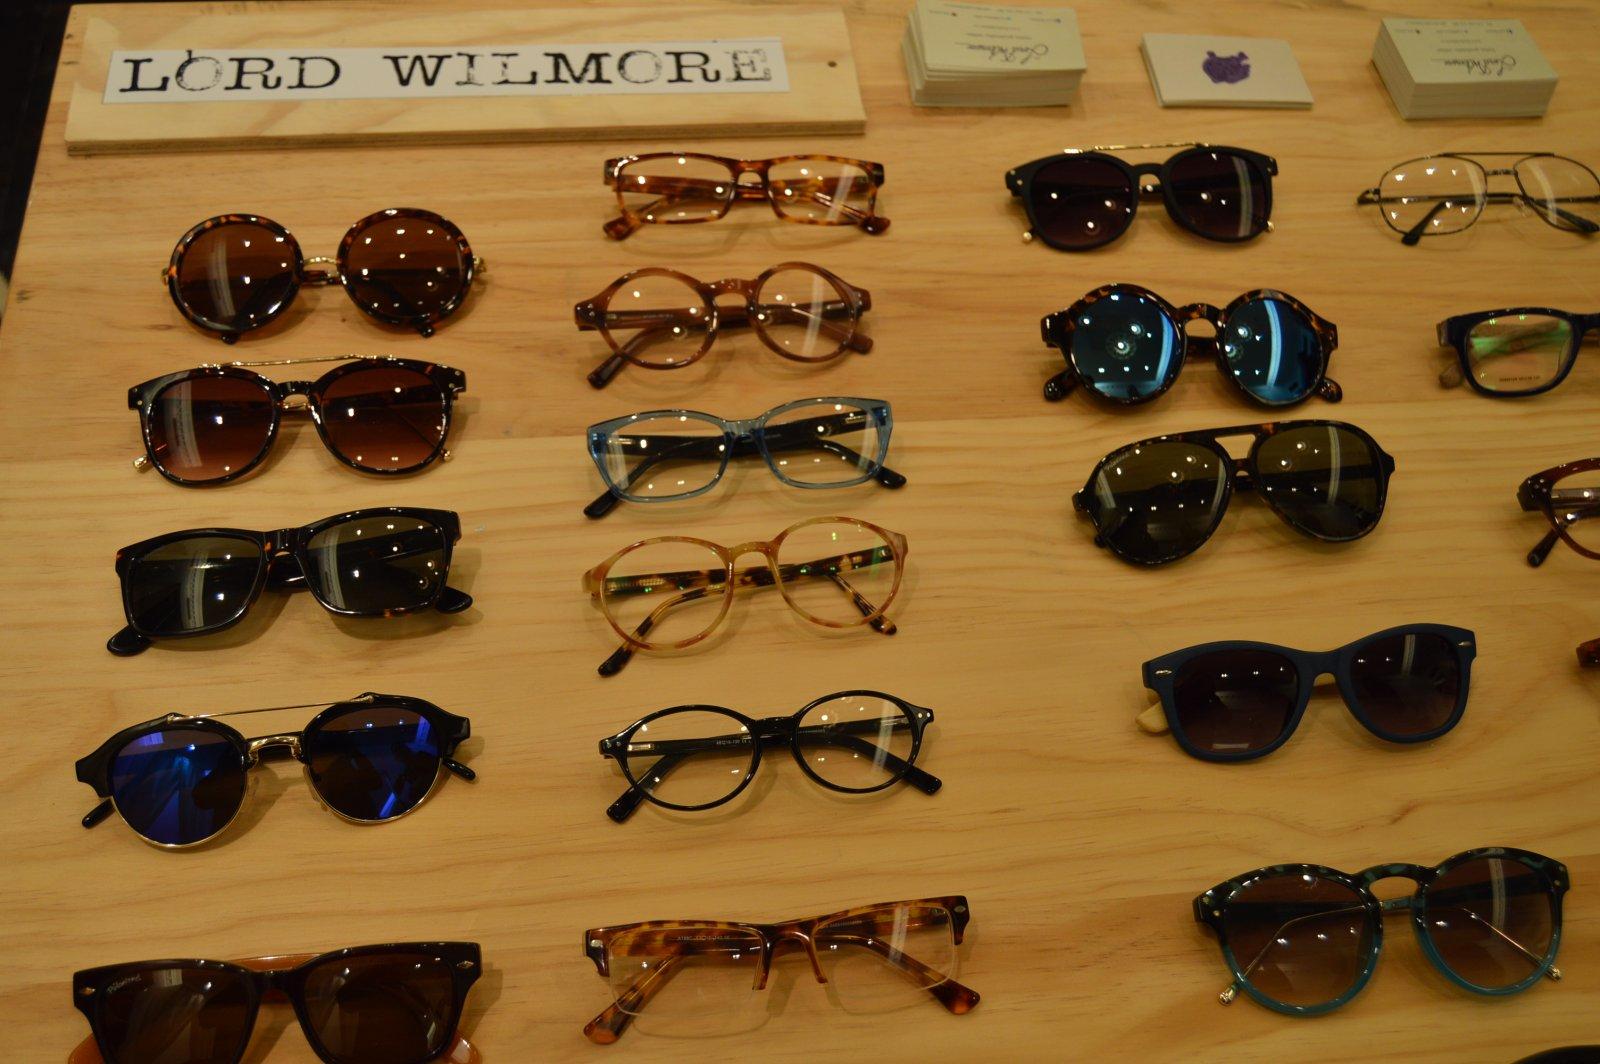 Gafas de sol y graduadas de Lord Wilmore.